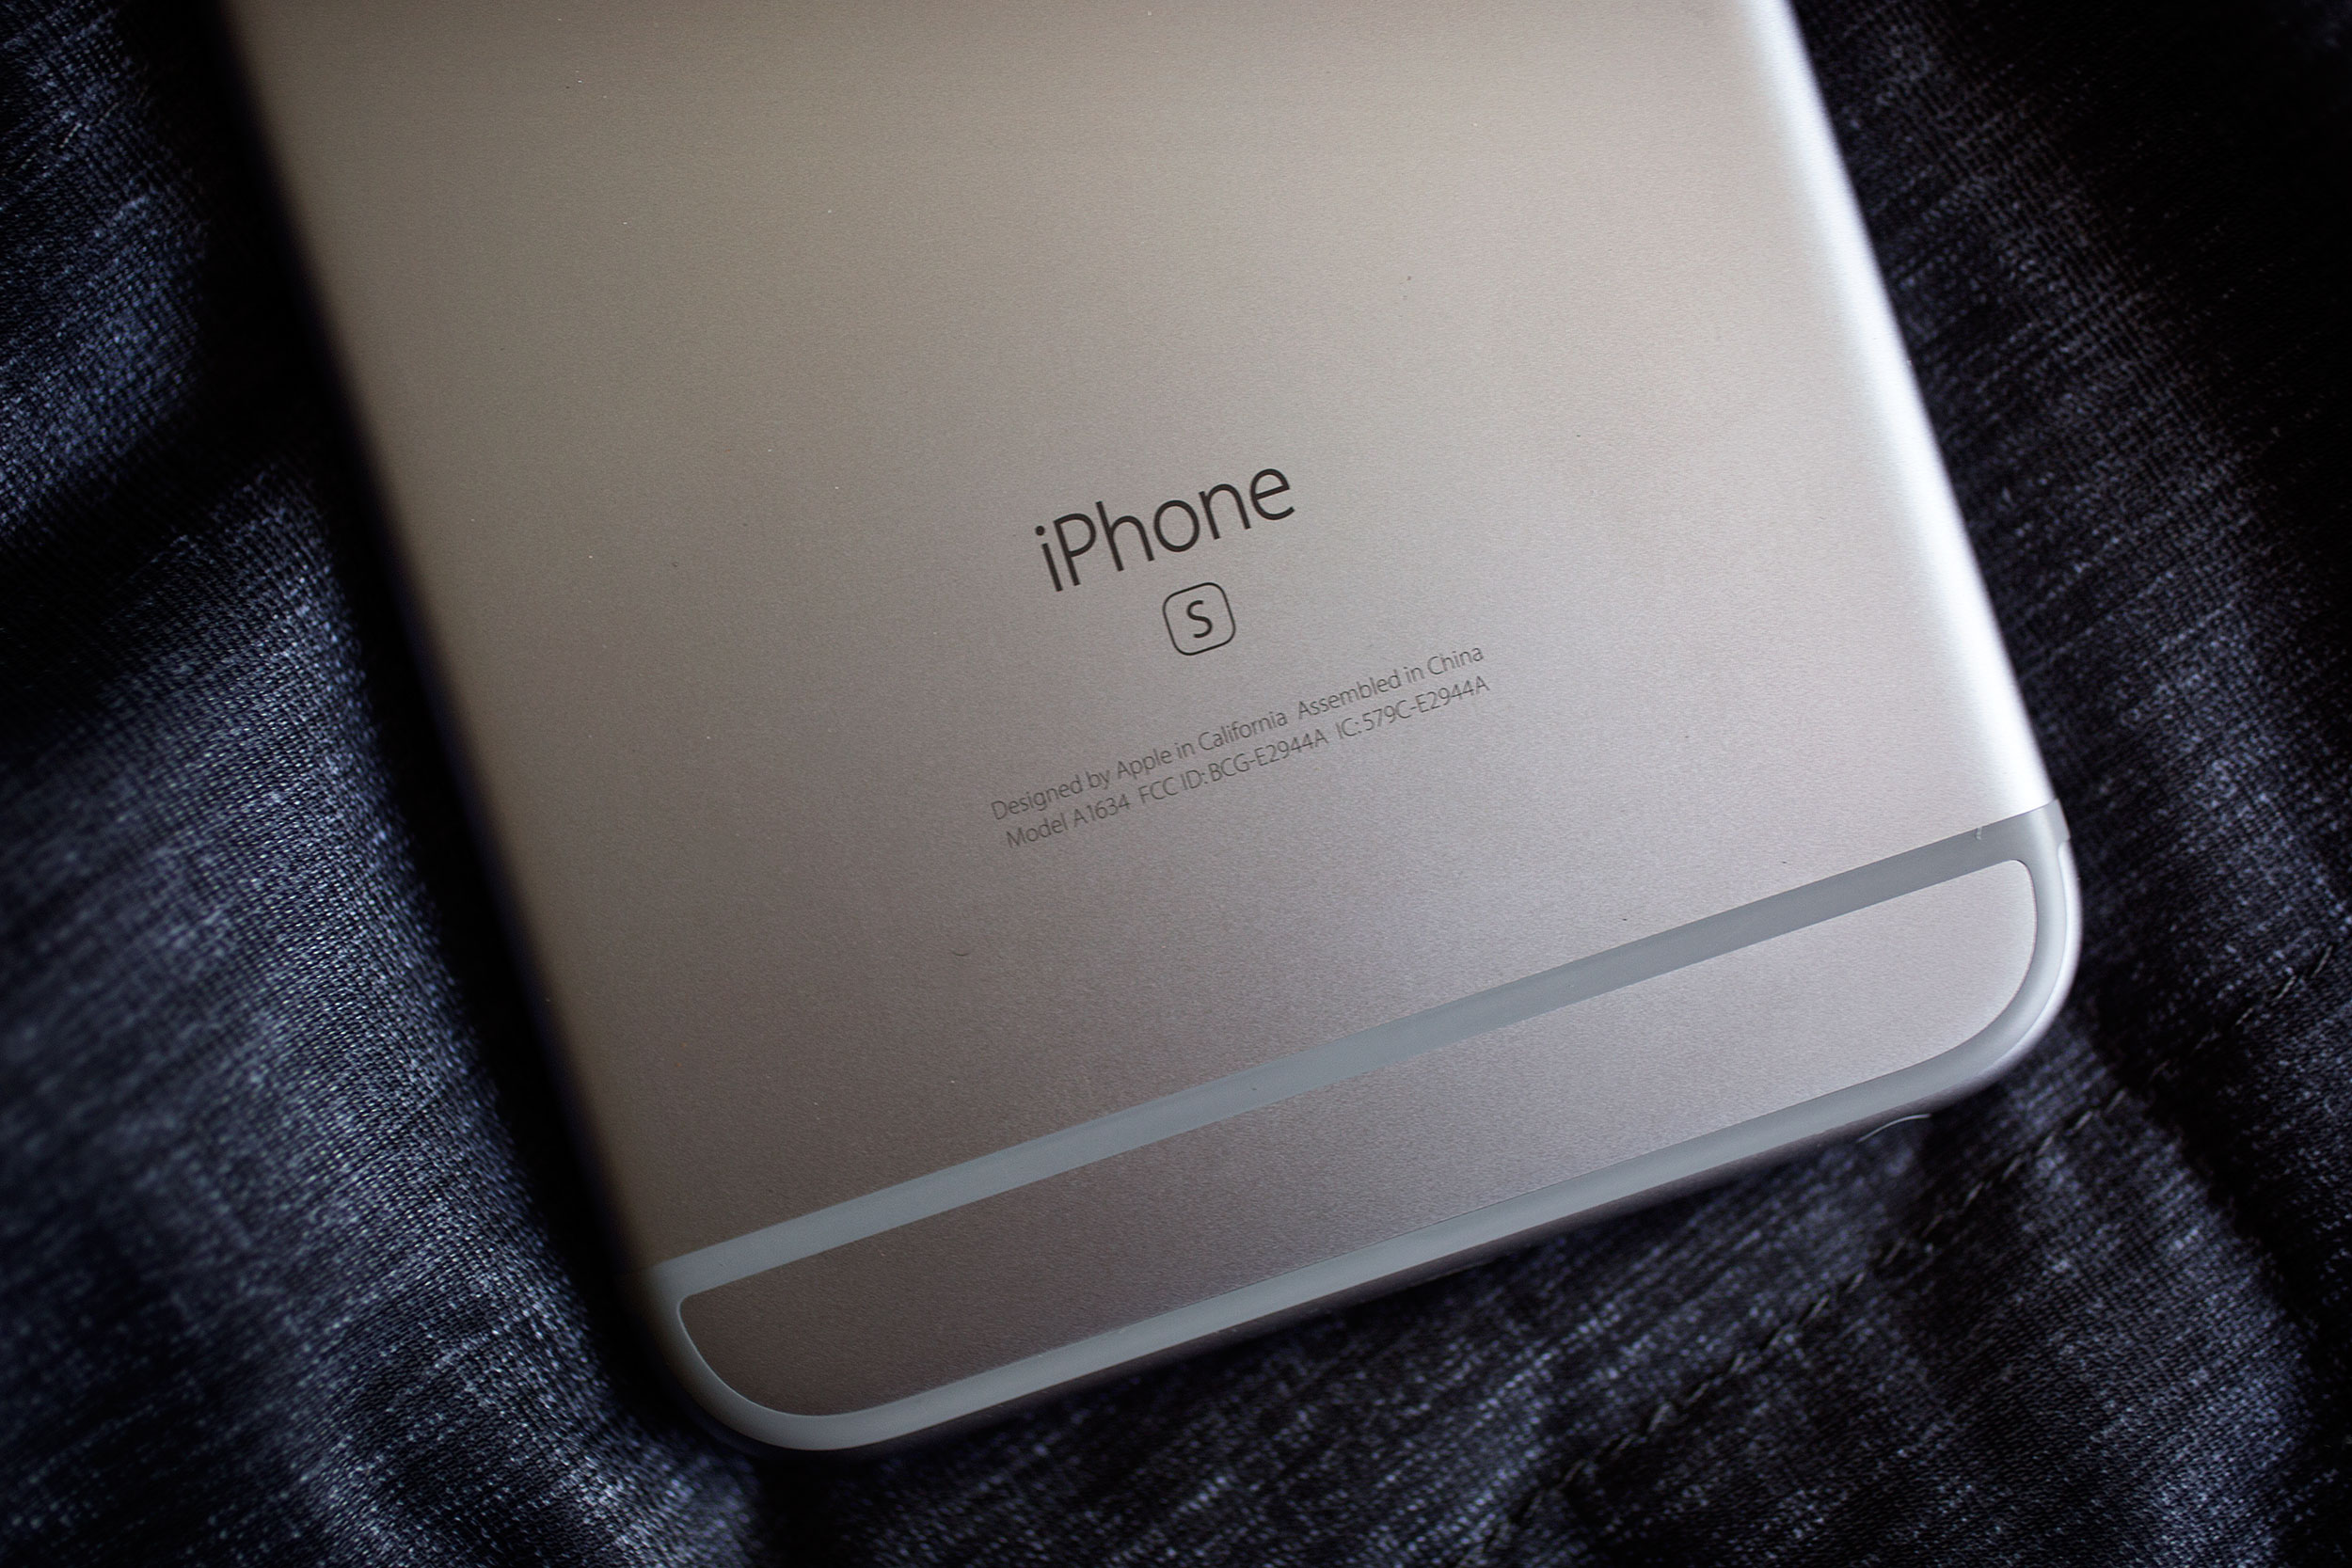 """Ką reiškia raidė """"i"""" kiekvieno """"Apple"""" produkto pavadinime?"""